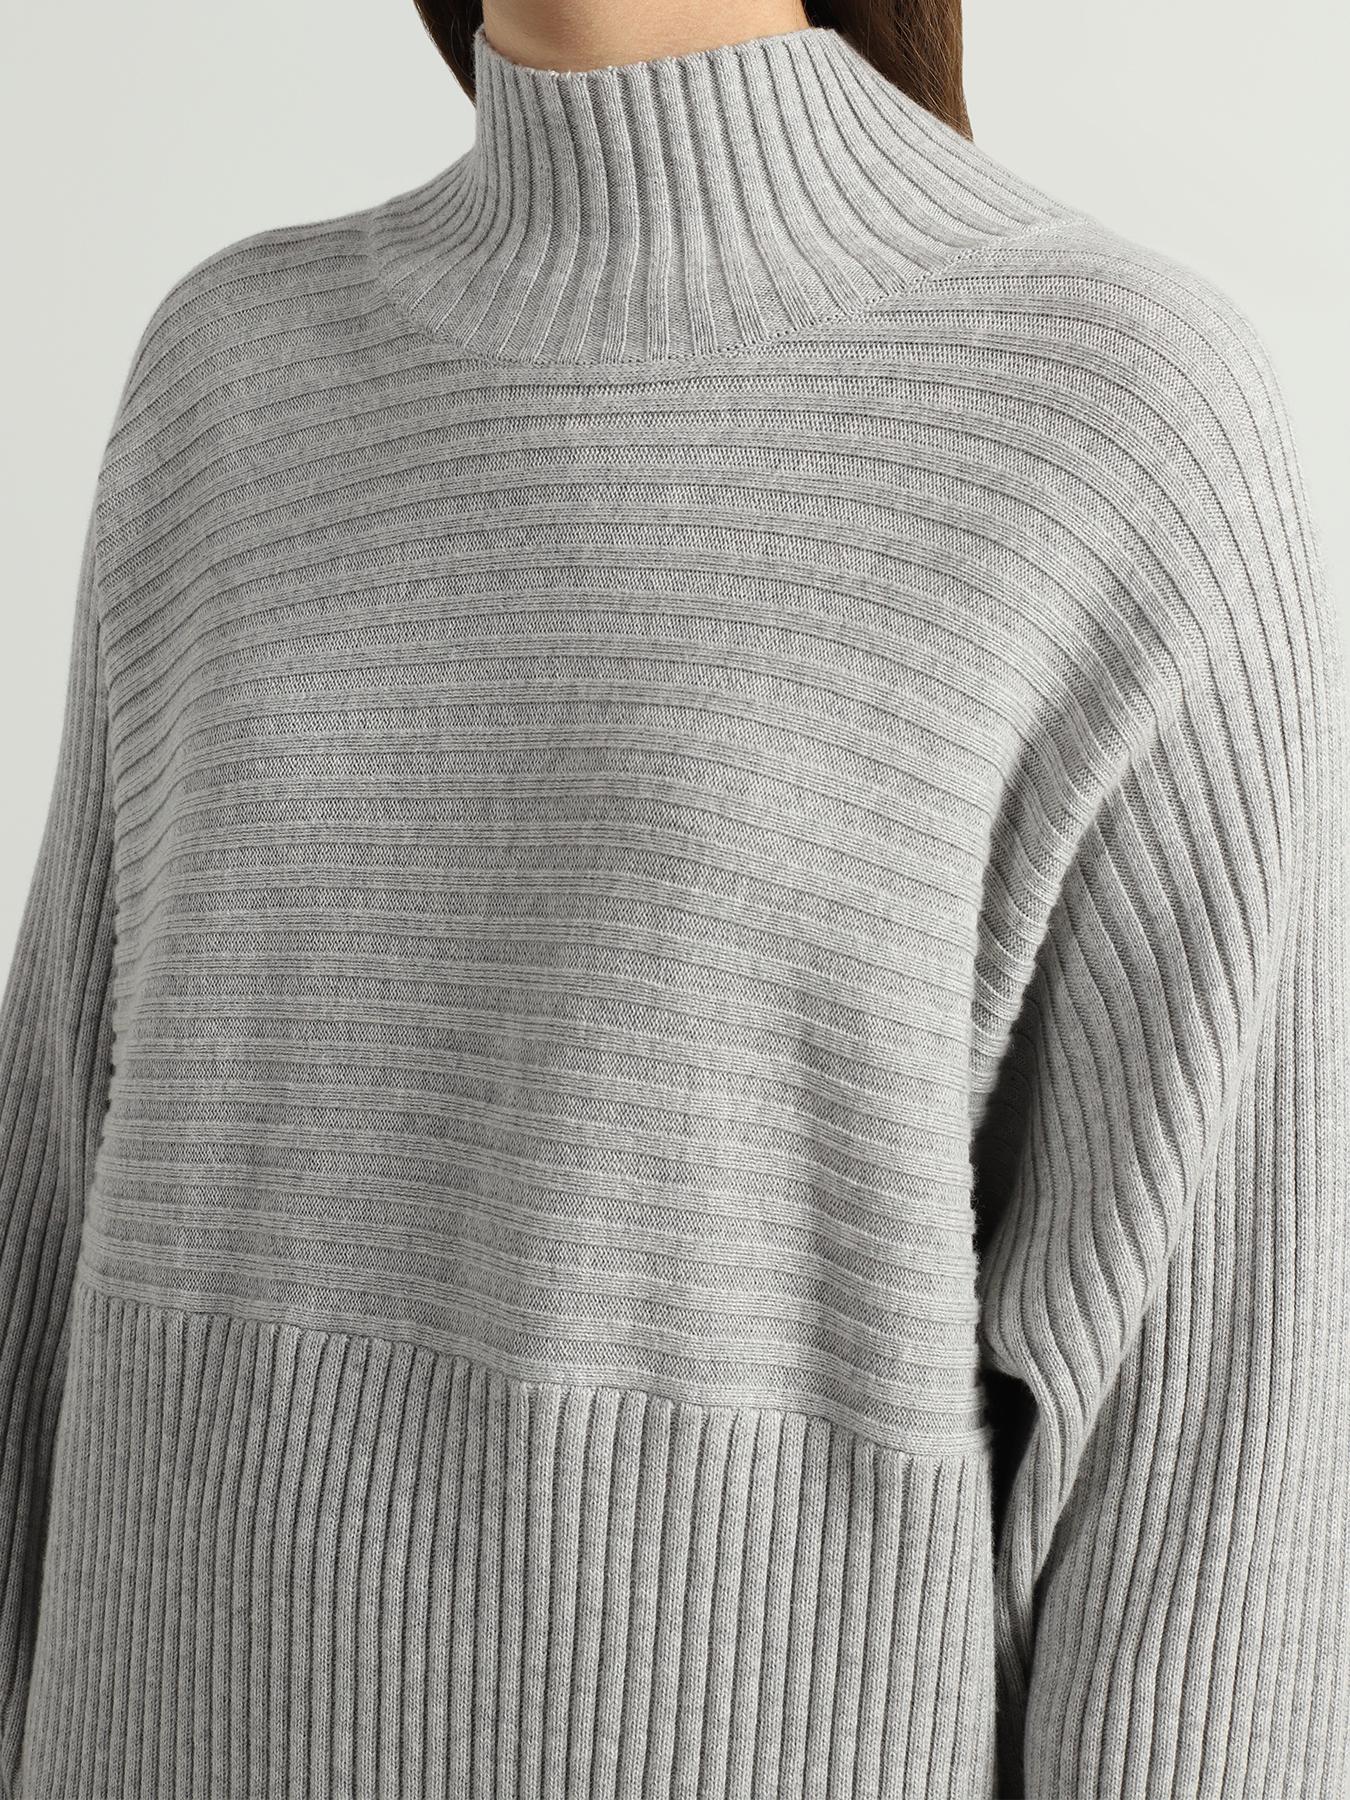 BOSS Длинный свитер Walleny 355877-044 Фото 3